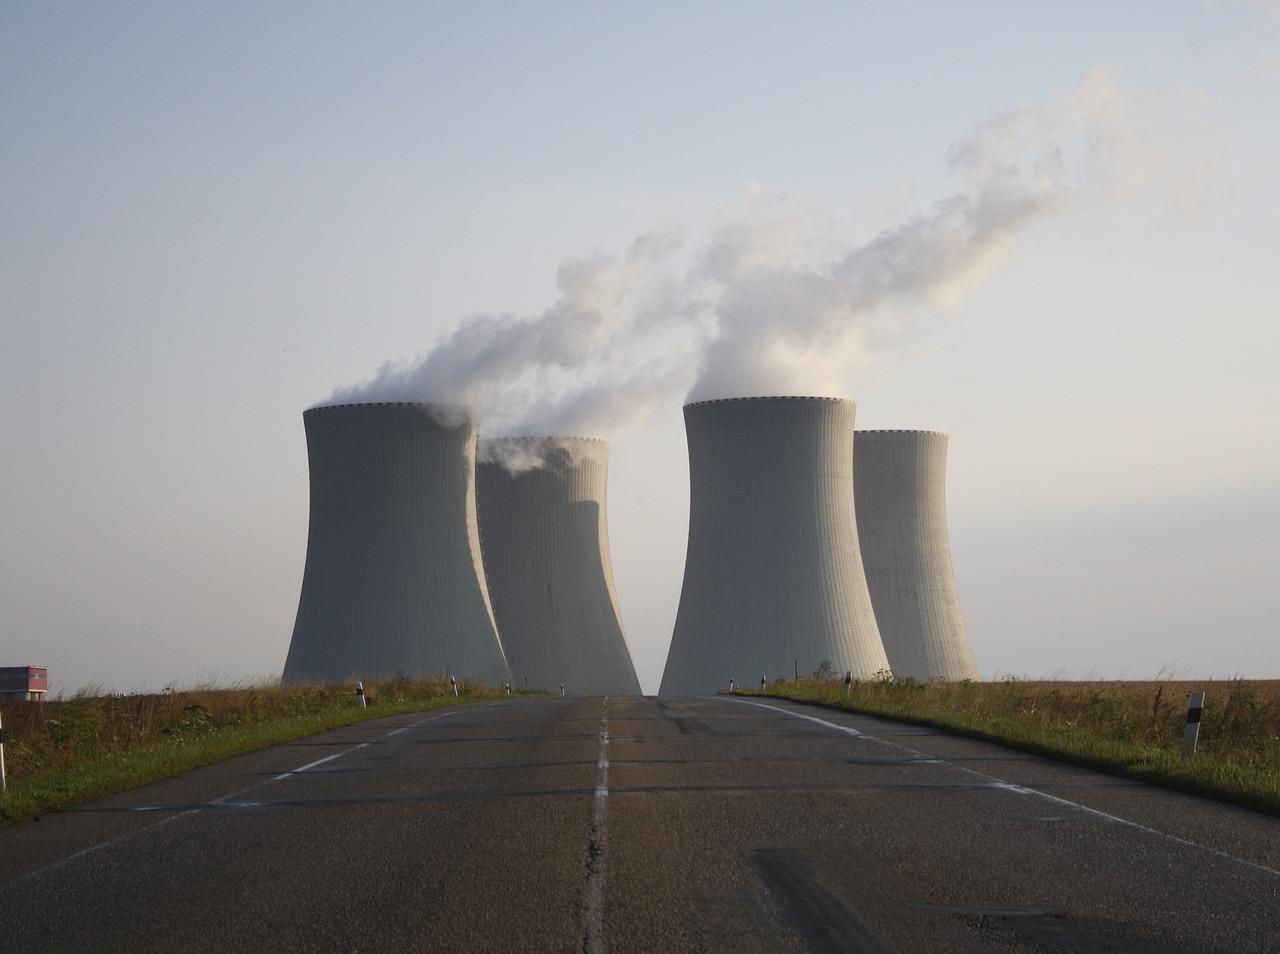 нас уходящий атомная отрасль россии фото чтобы